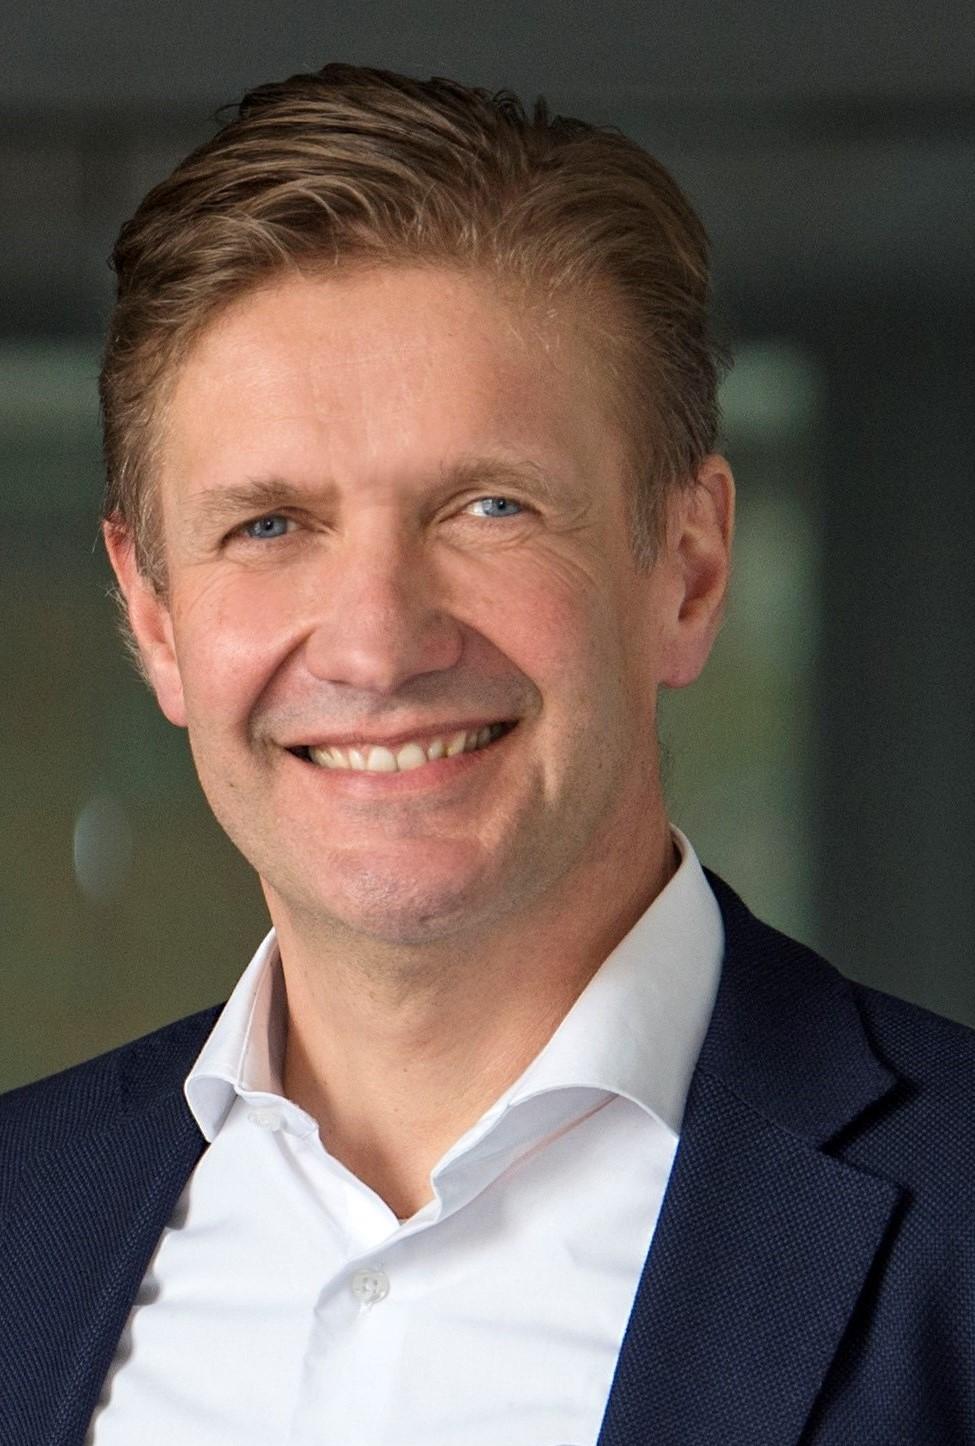 Schnitzer Group Peter Schnitzer